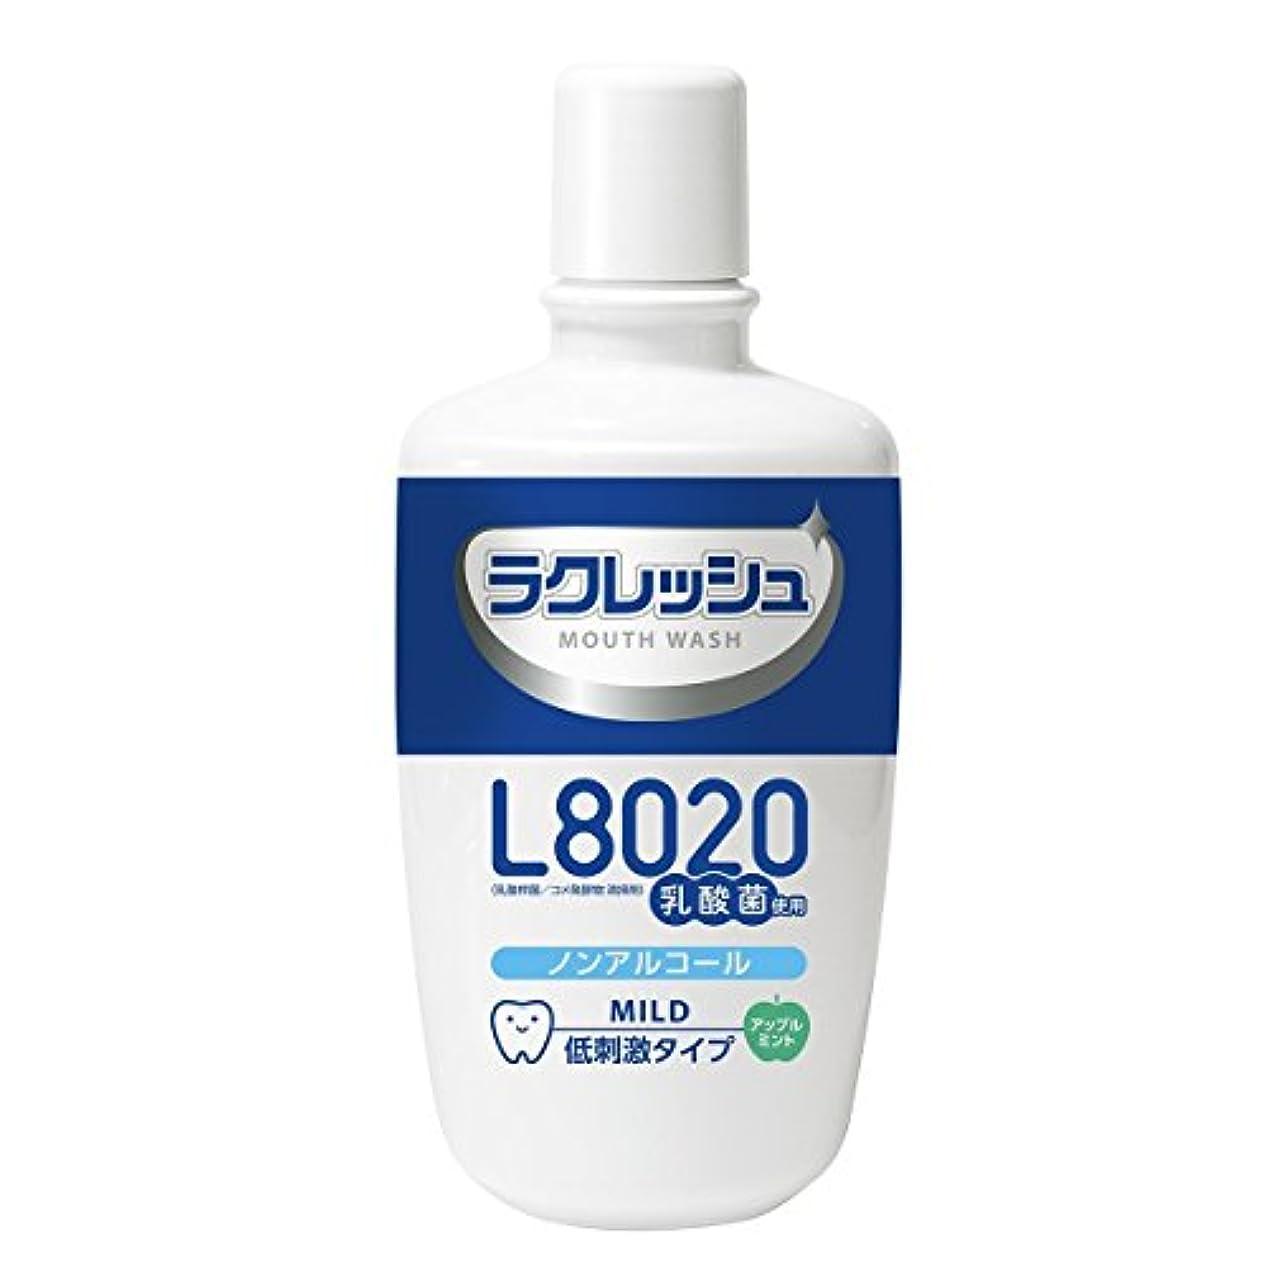 温帯保守可能歯ラクレッシュ L8020菌 マウスウォッシュ 3本セット (マイルド)